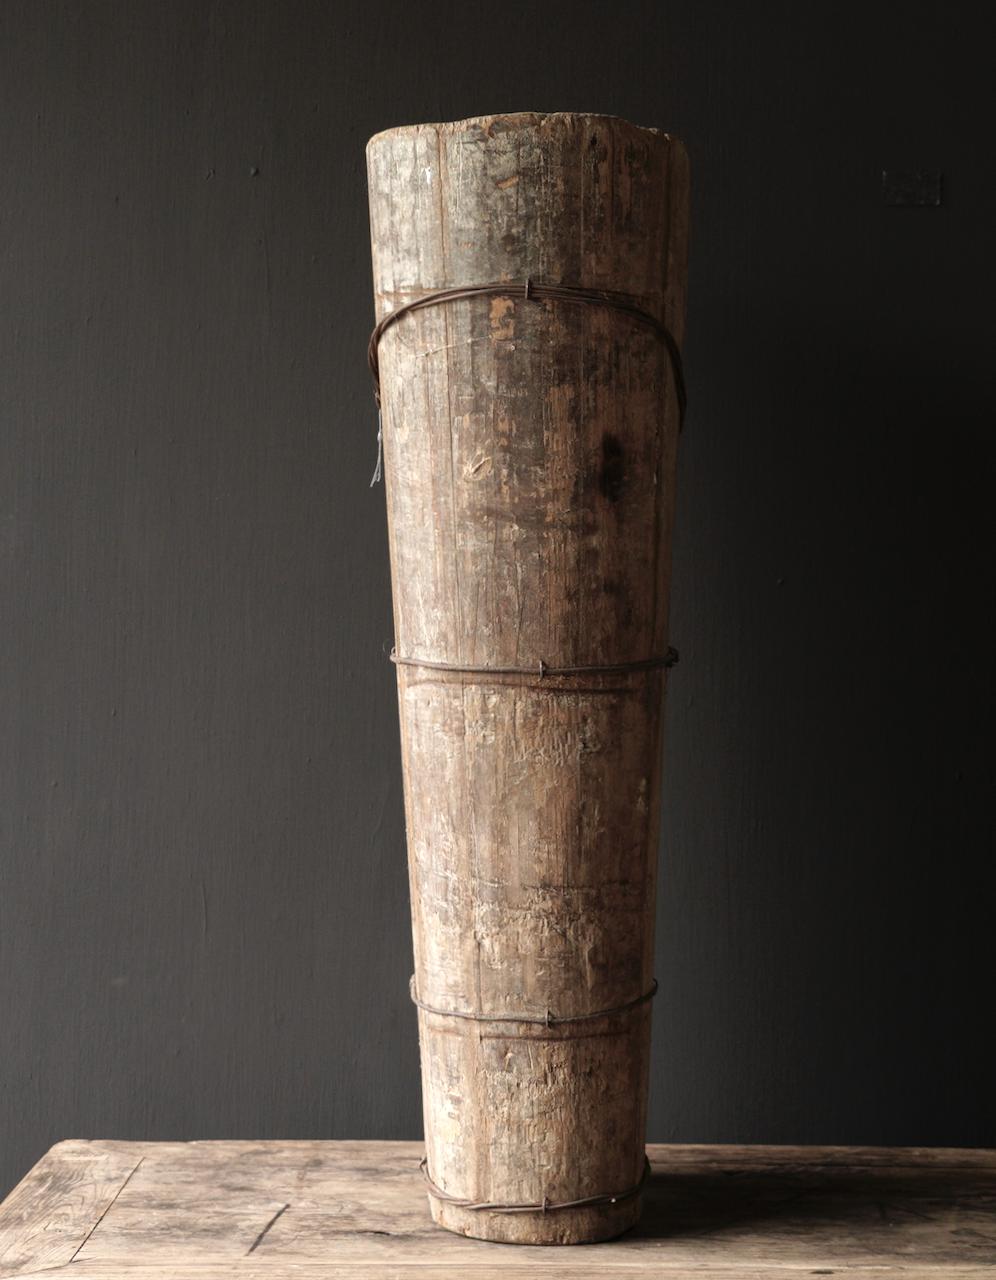 Original große alte Holzkiste-3